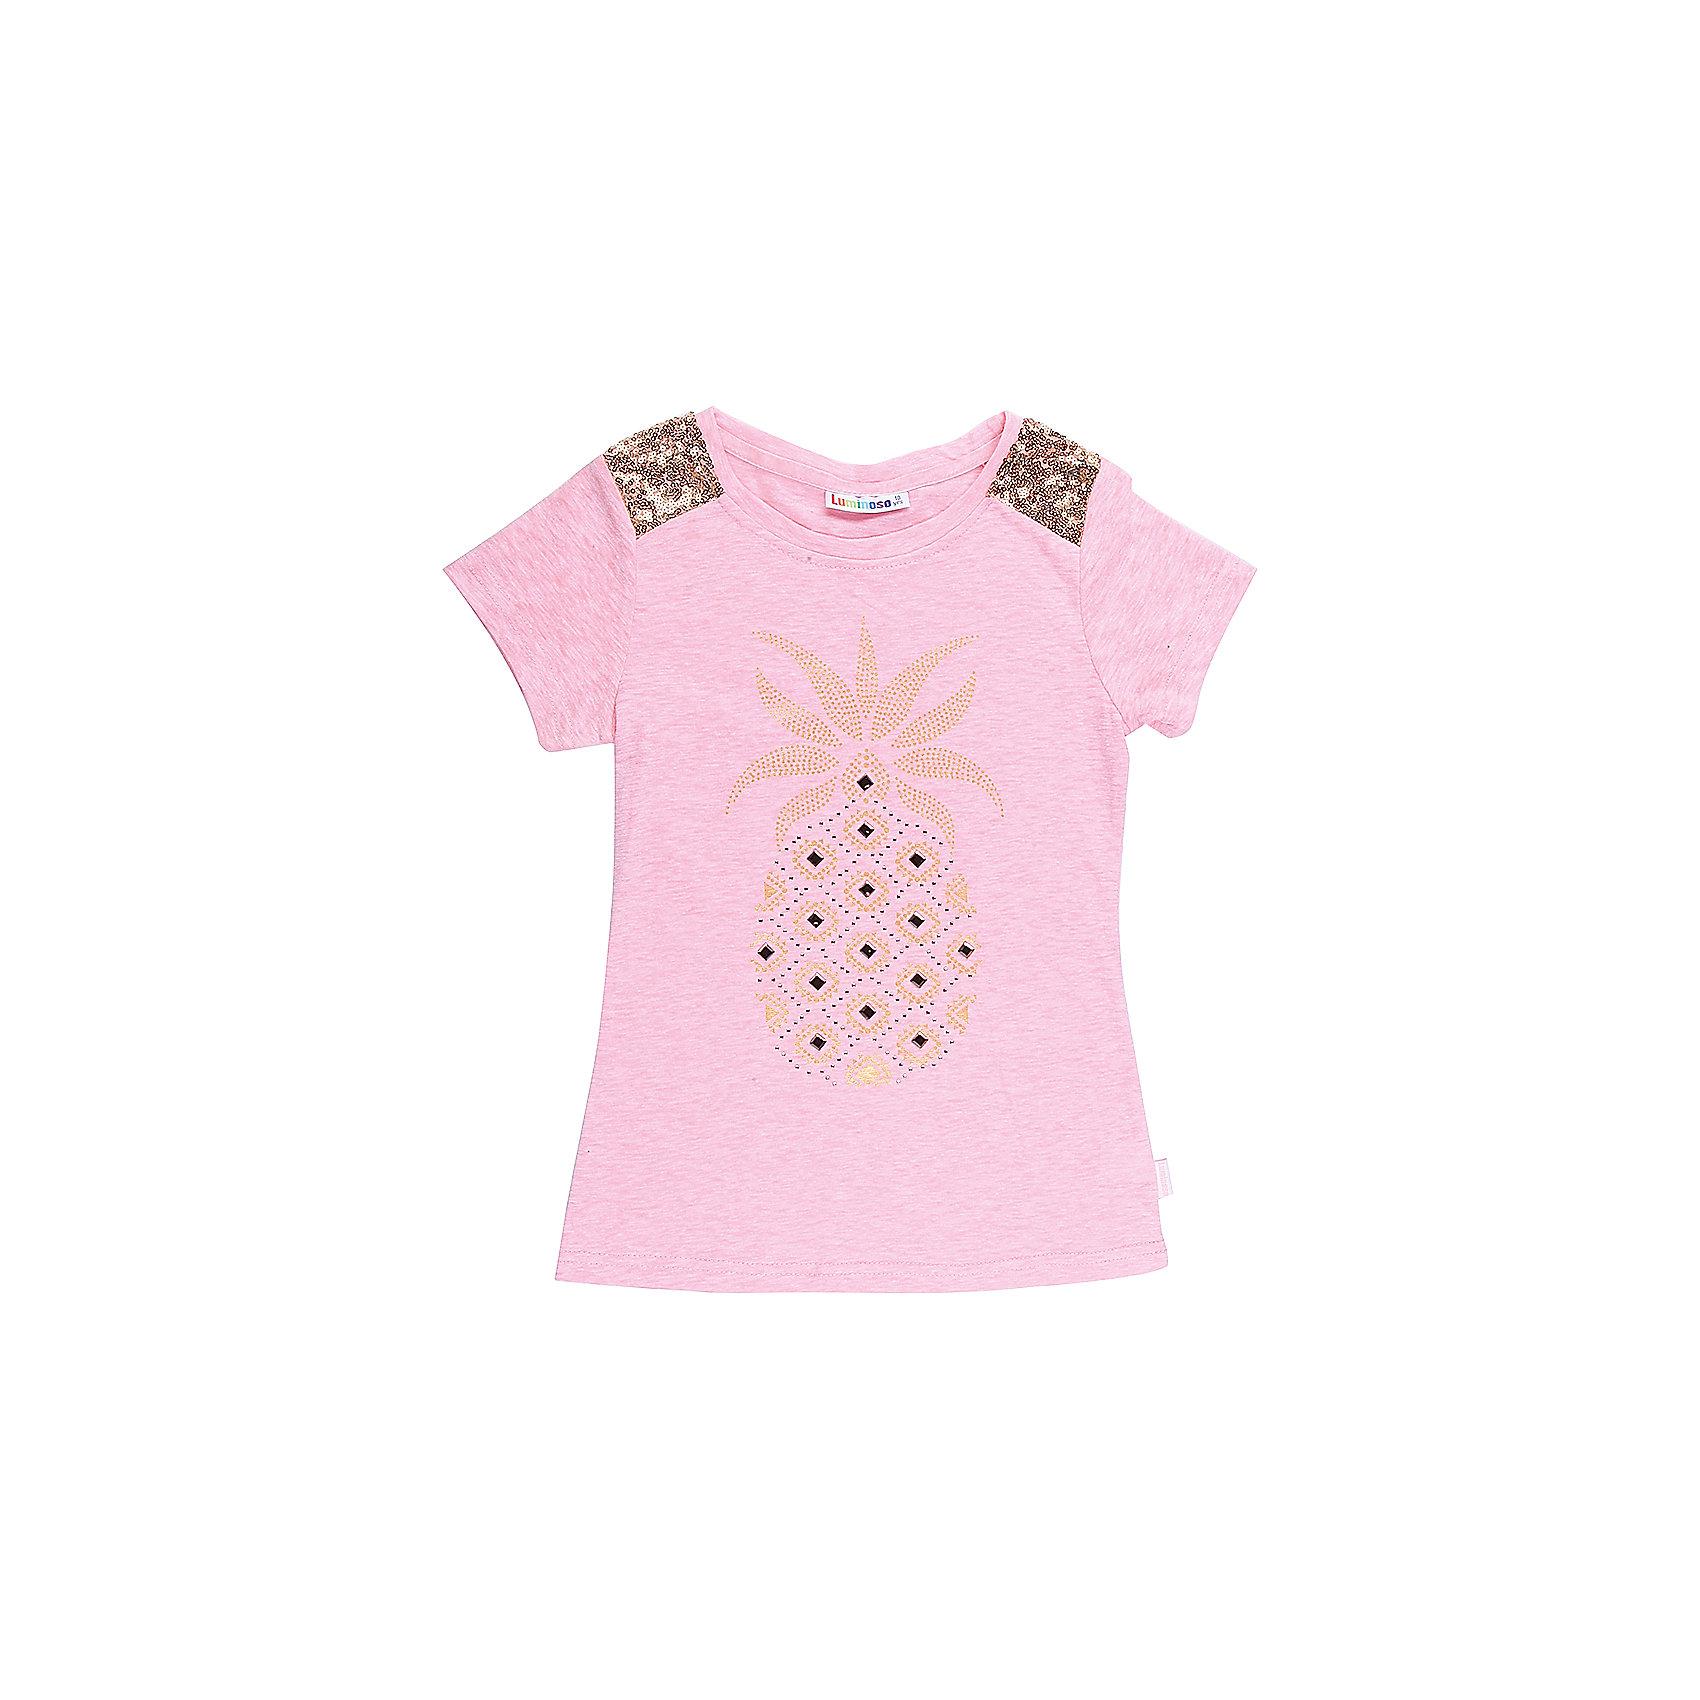 Футболка для девочки LuminosoФутболки, поло и топы<br>Стильная футболка из трикотажной ткани для девочки с коротким рукавом. Декорирована яркой аппликацией и пайетками.<br>Состав:<br>62%хлопок 26%полиэстер 12%вискоза<br><br>Ширина мм: 199<br>Глубина мм: 10<br>Высота мм: 161<br>Вес г: 151<br>Цвет: оранжевый<br>Возраст от месяцев: 96<br>Возраст до месяцев: 108<br>Пол: Женский<br>Возраст: Детский<br>Размер: 134,140,146,152,158,164<br>SKU: 5413154